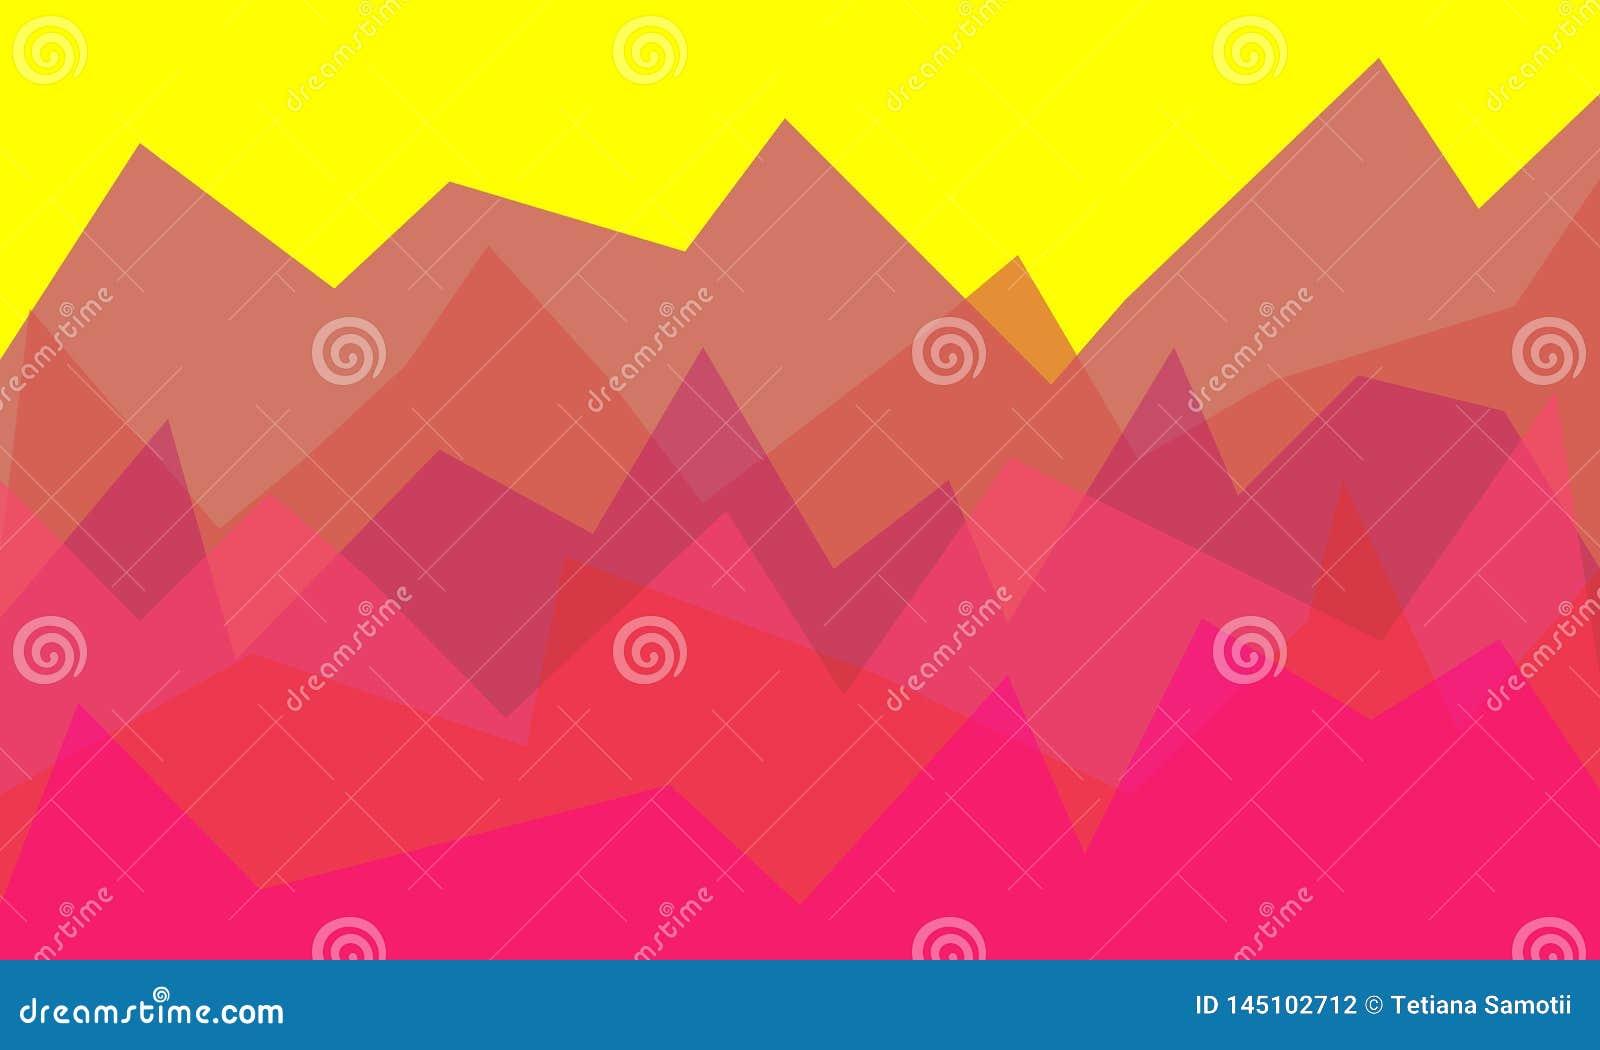 L?g-Poly berglandskap Psykedeliska lilor för lutning - Maya Blue L?g poly design Abstrakt polygonal